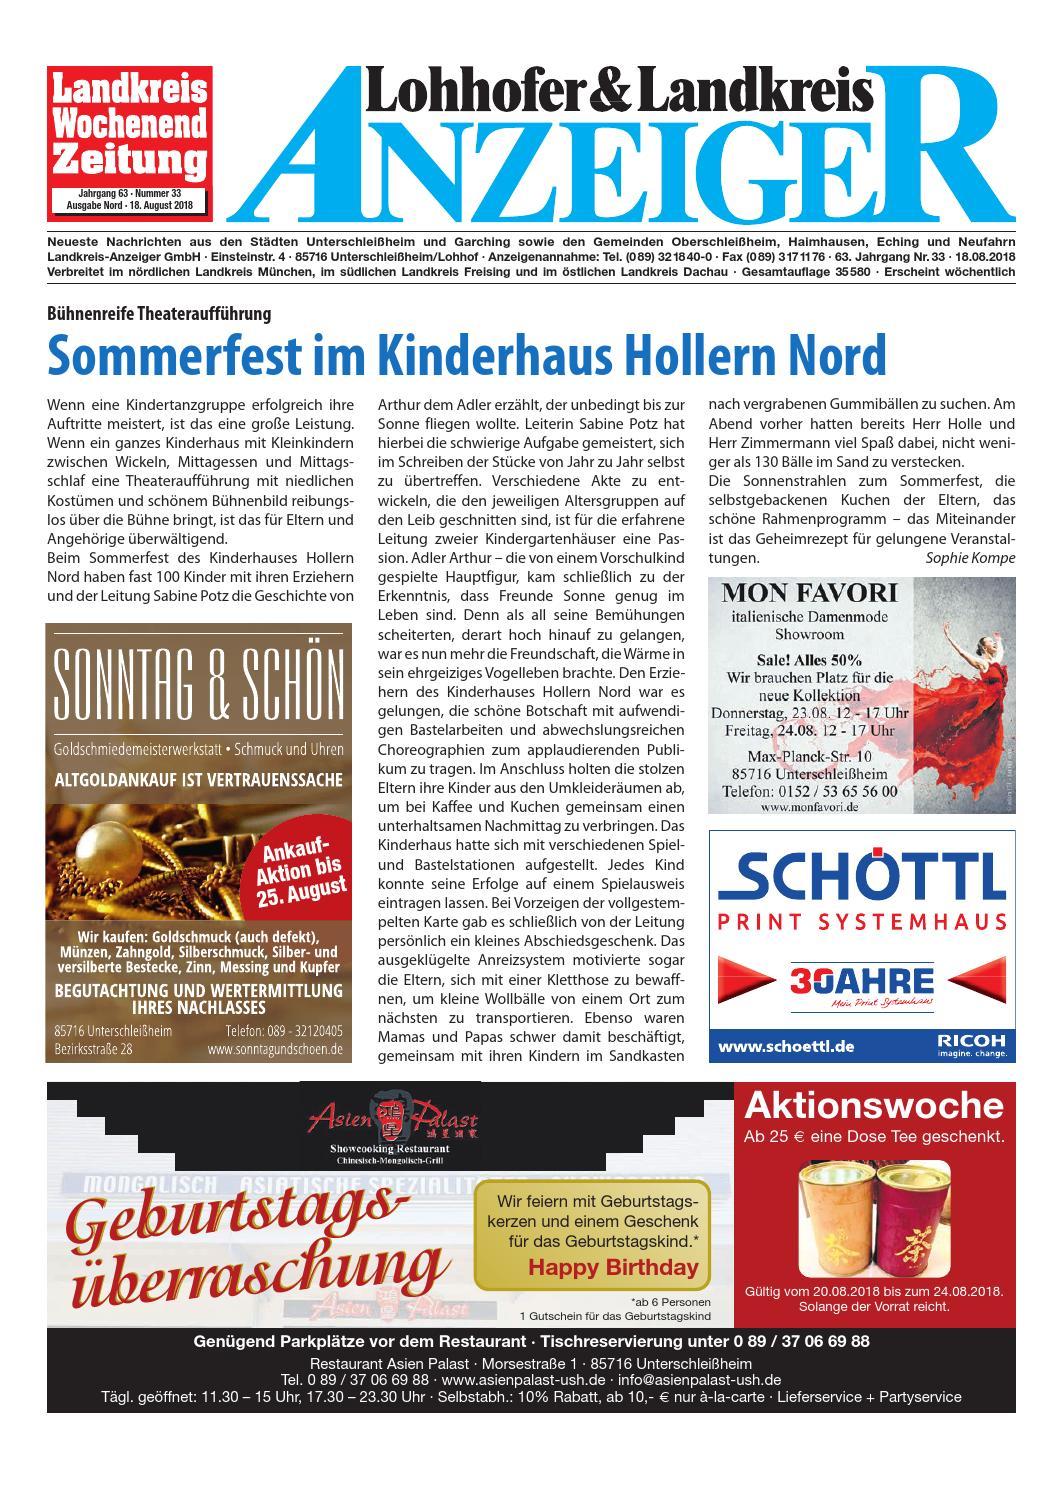 Lohhofer & Landkreis Anzeiger 33/18 by Zimmermann GmbH Druck & Verlag -  issuu